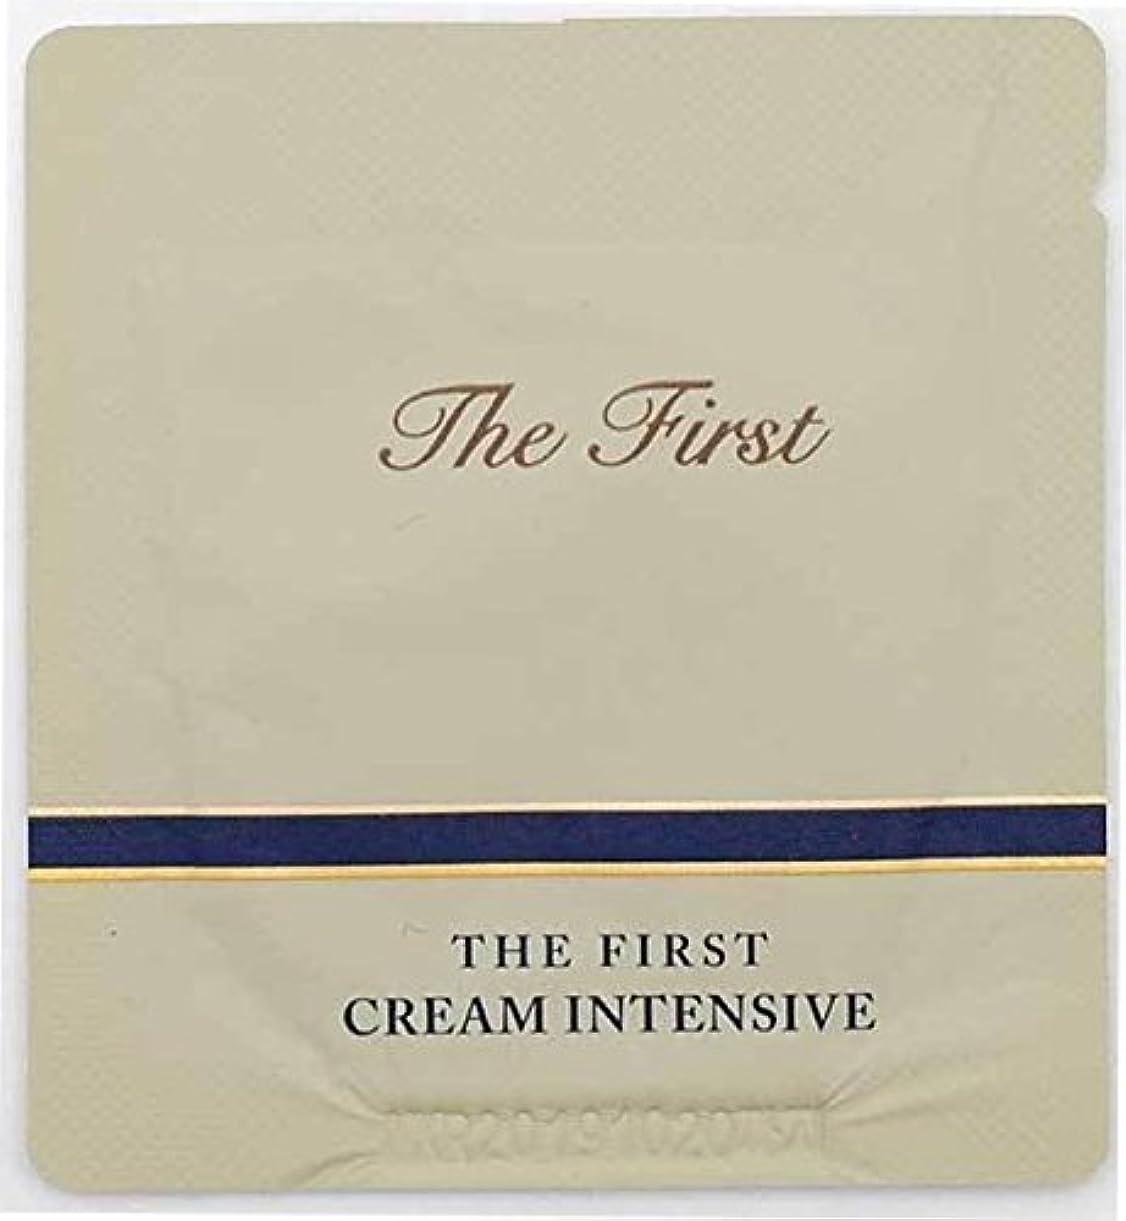 連鎖優越レンディション[サンプル] OHUI The First Cream intensive 1ml × 30ea/オフィ ザ ファースト クリーム インテンシブ 1ml × 30個